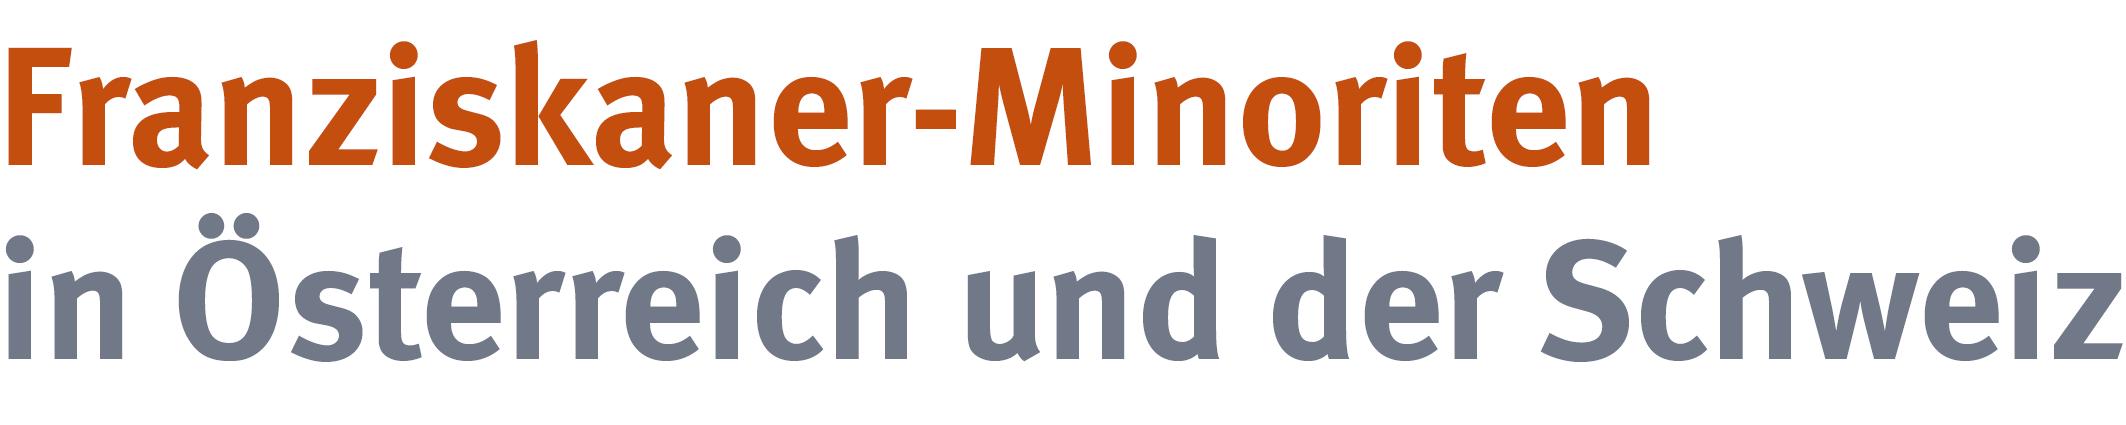 Franziskanerminoriten Österreich